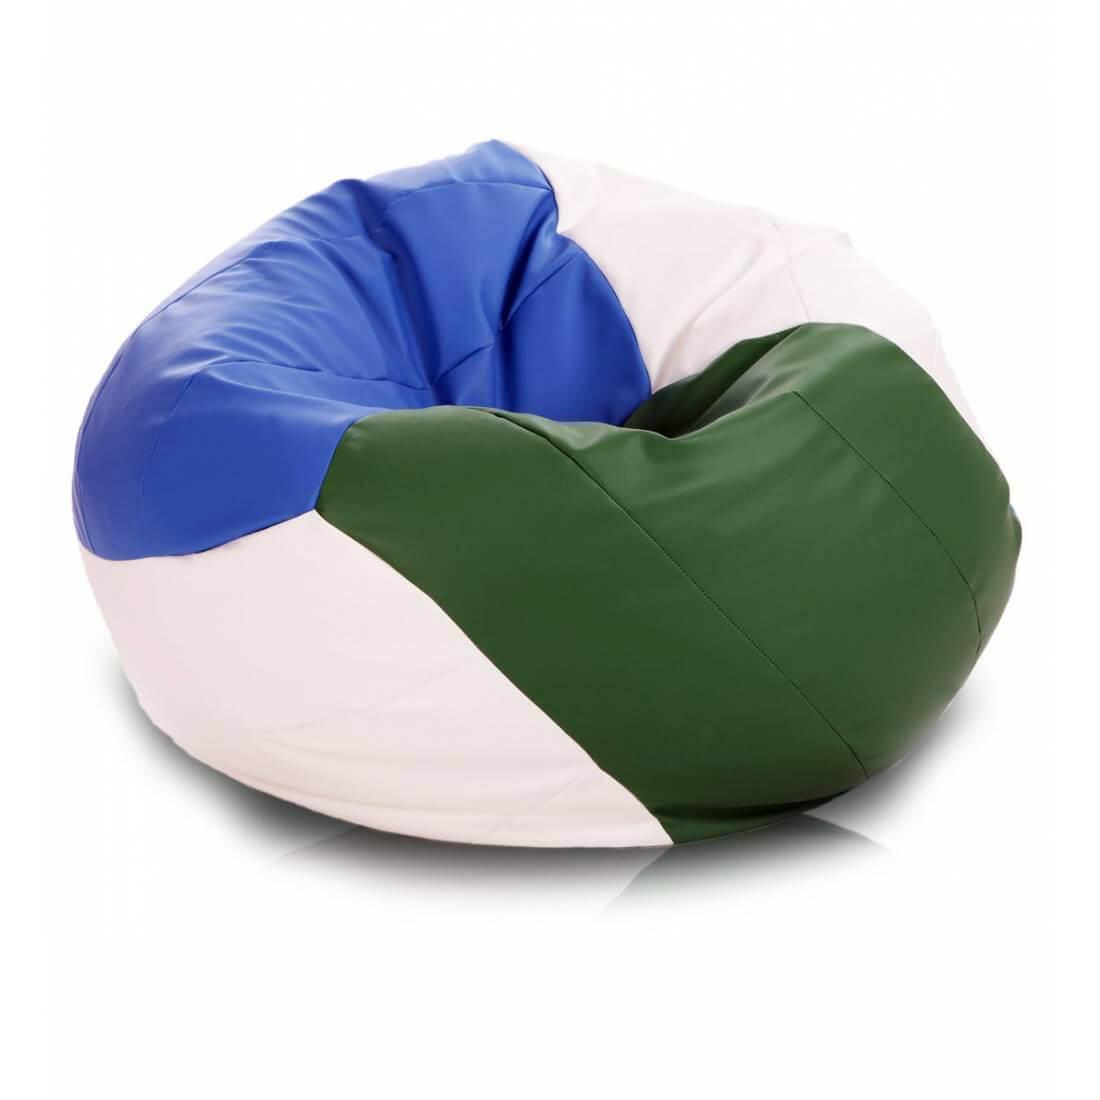 Volejbalový míč zelena